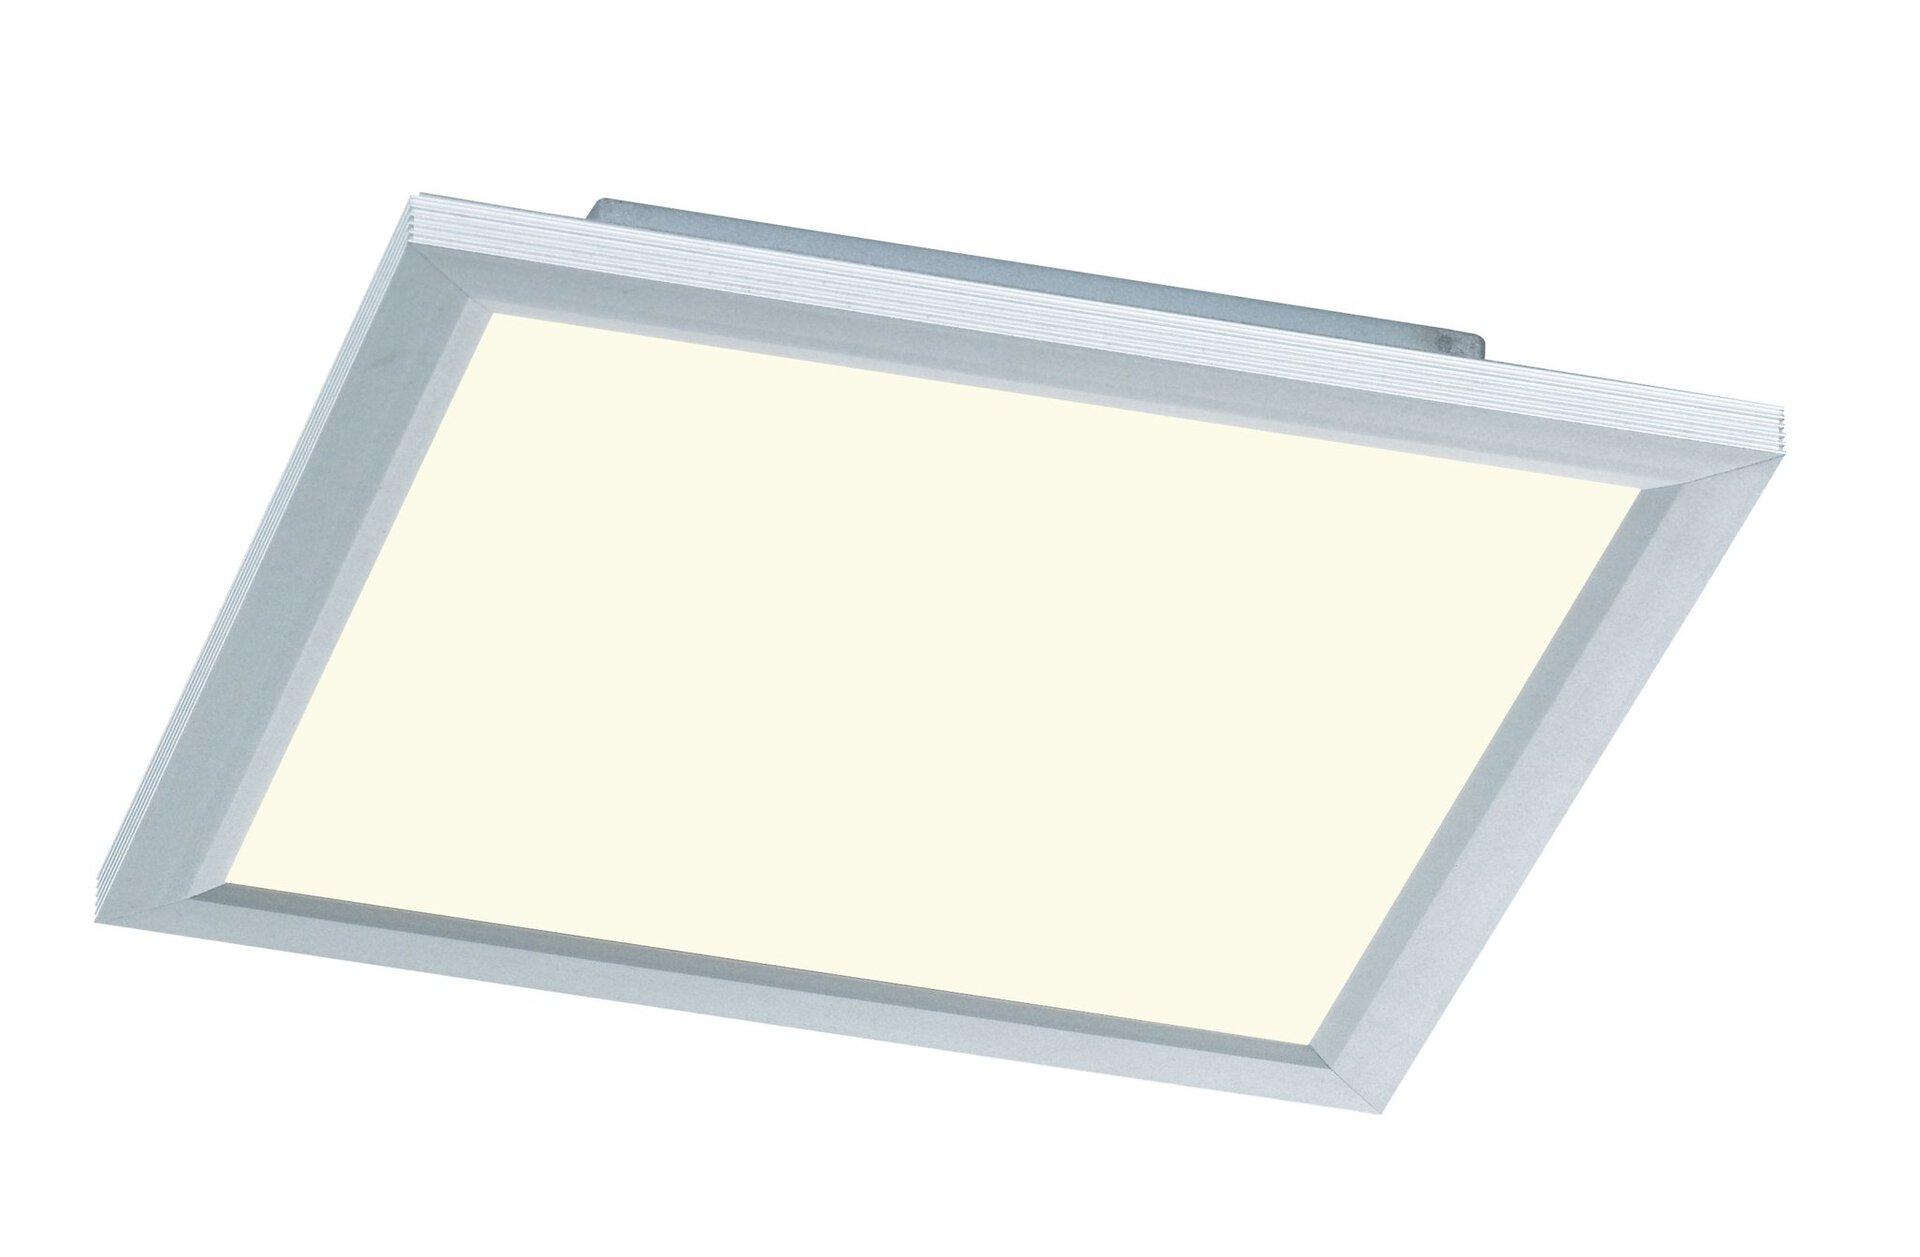 Deckenleuchte Liv Wofi Leuchten Kunststoff silber 30 x 6 x 30 cm